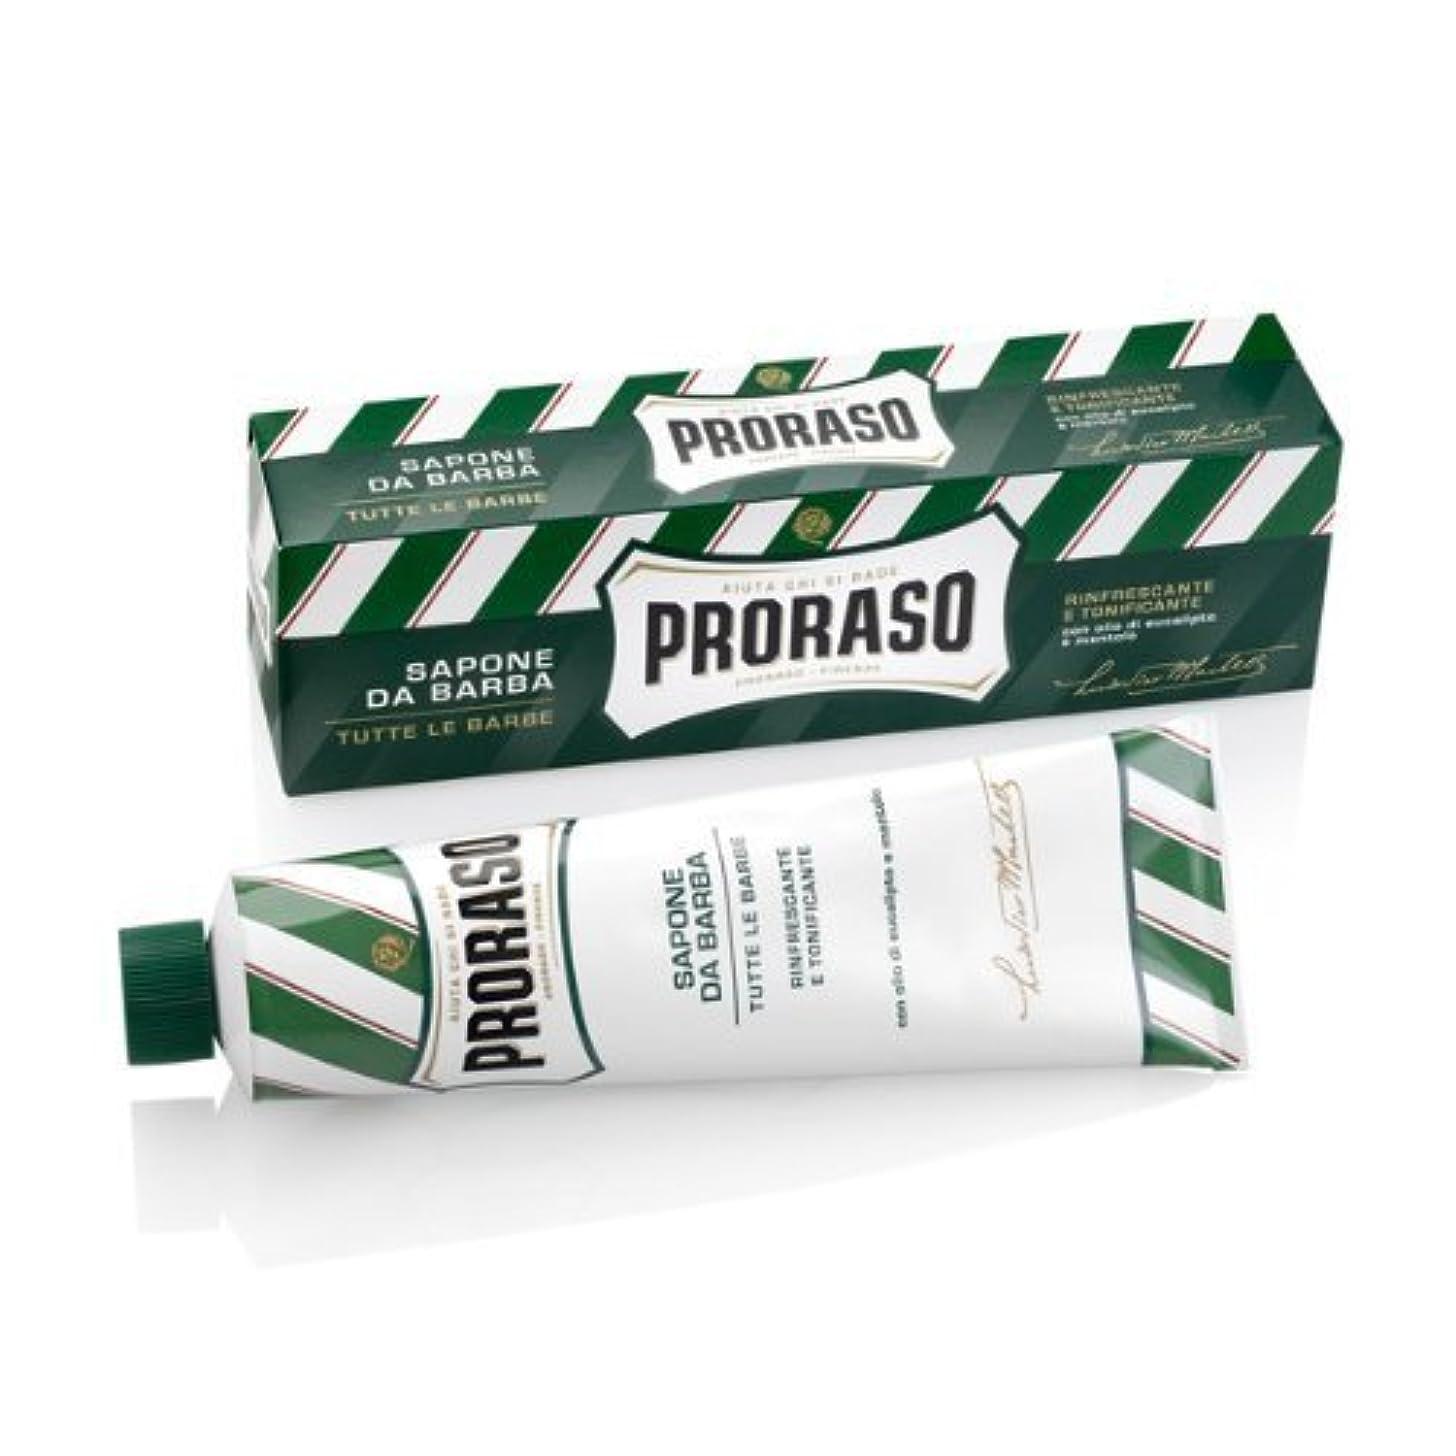 おかしい切り下げアラブ人Proraso Eucalyptus & Menthol Shaving Cream - 150 ml. by Proraso [並行輸入品]